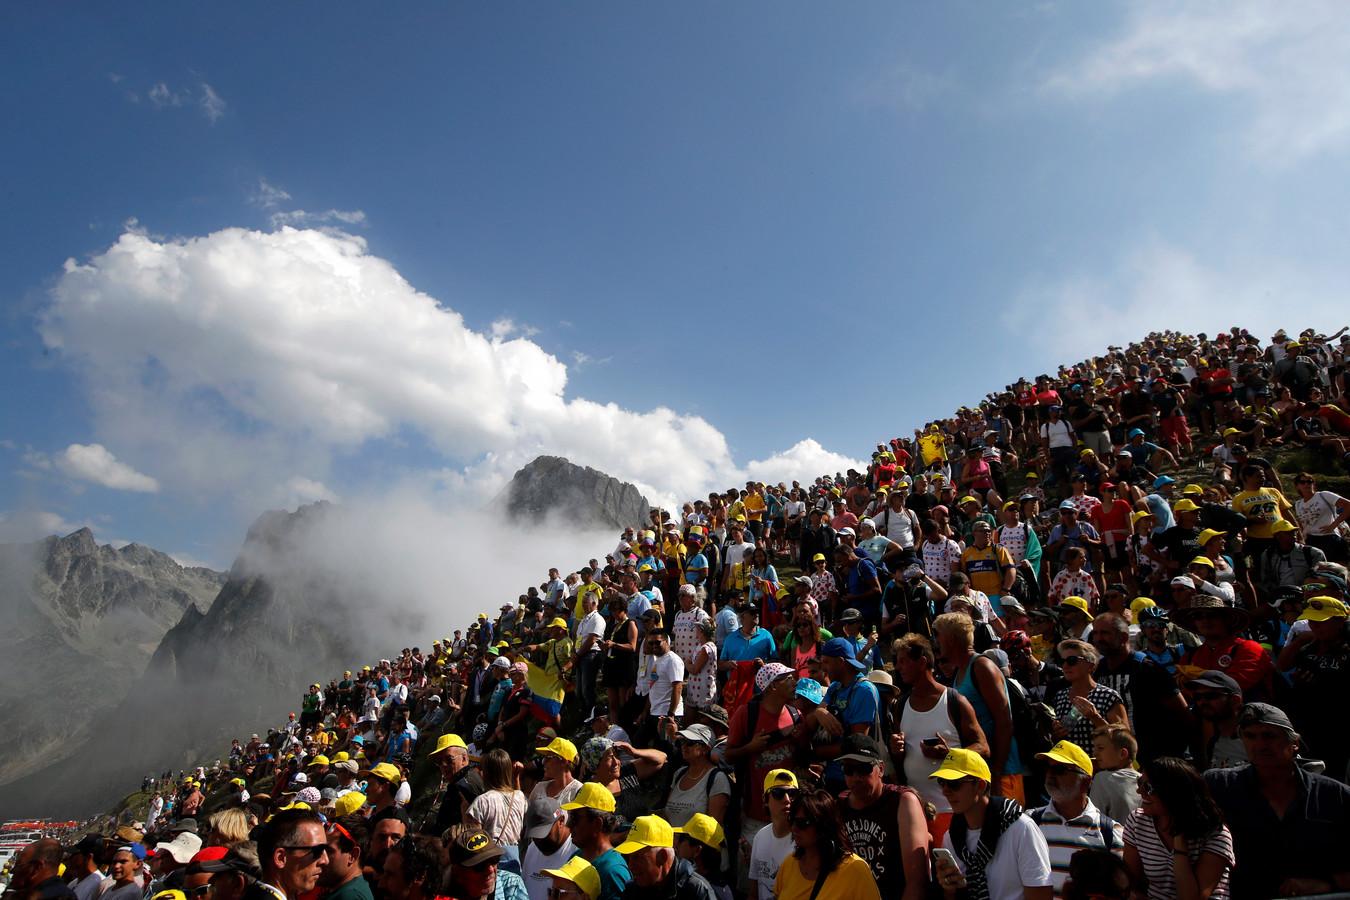 Een massa van wielerliefhebbers probeert bij de Tour de France een glimp op te vangen van de renners.